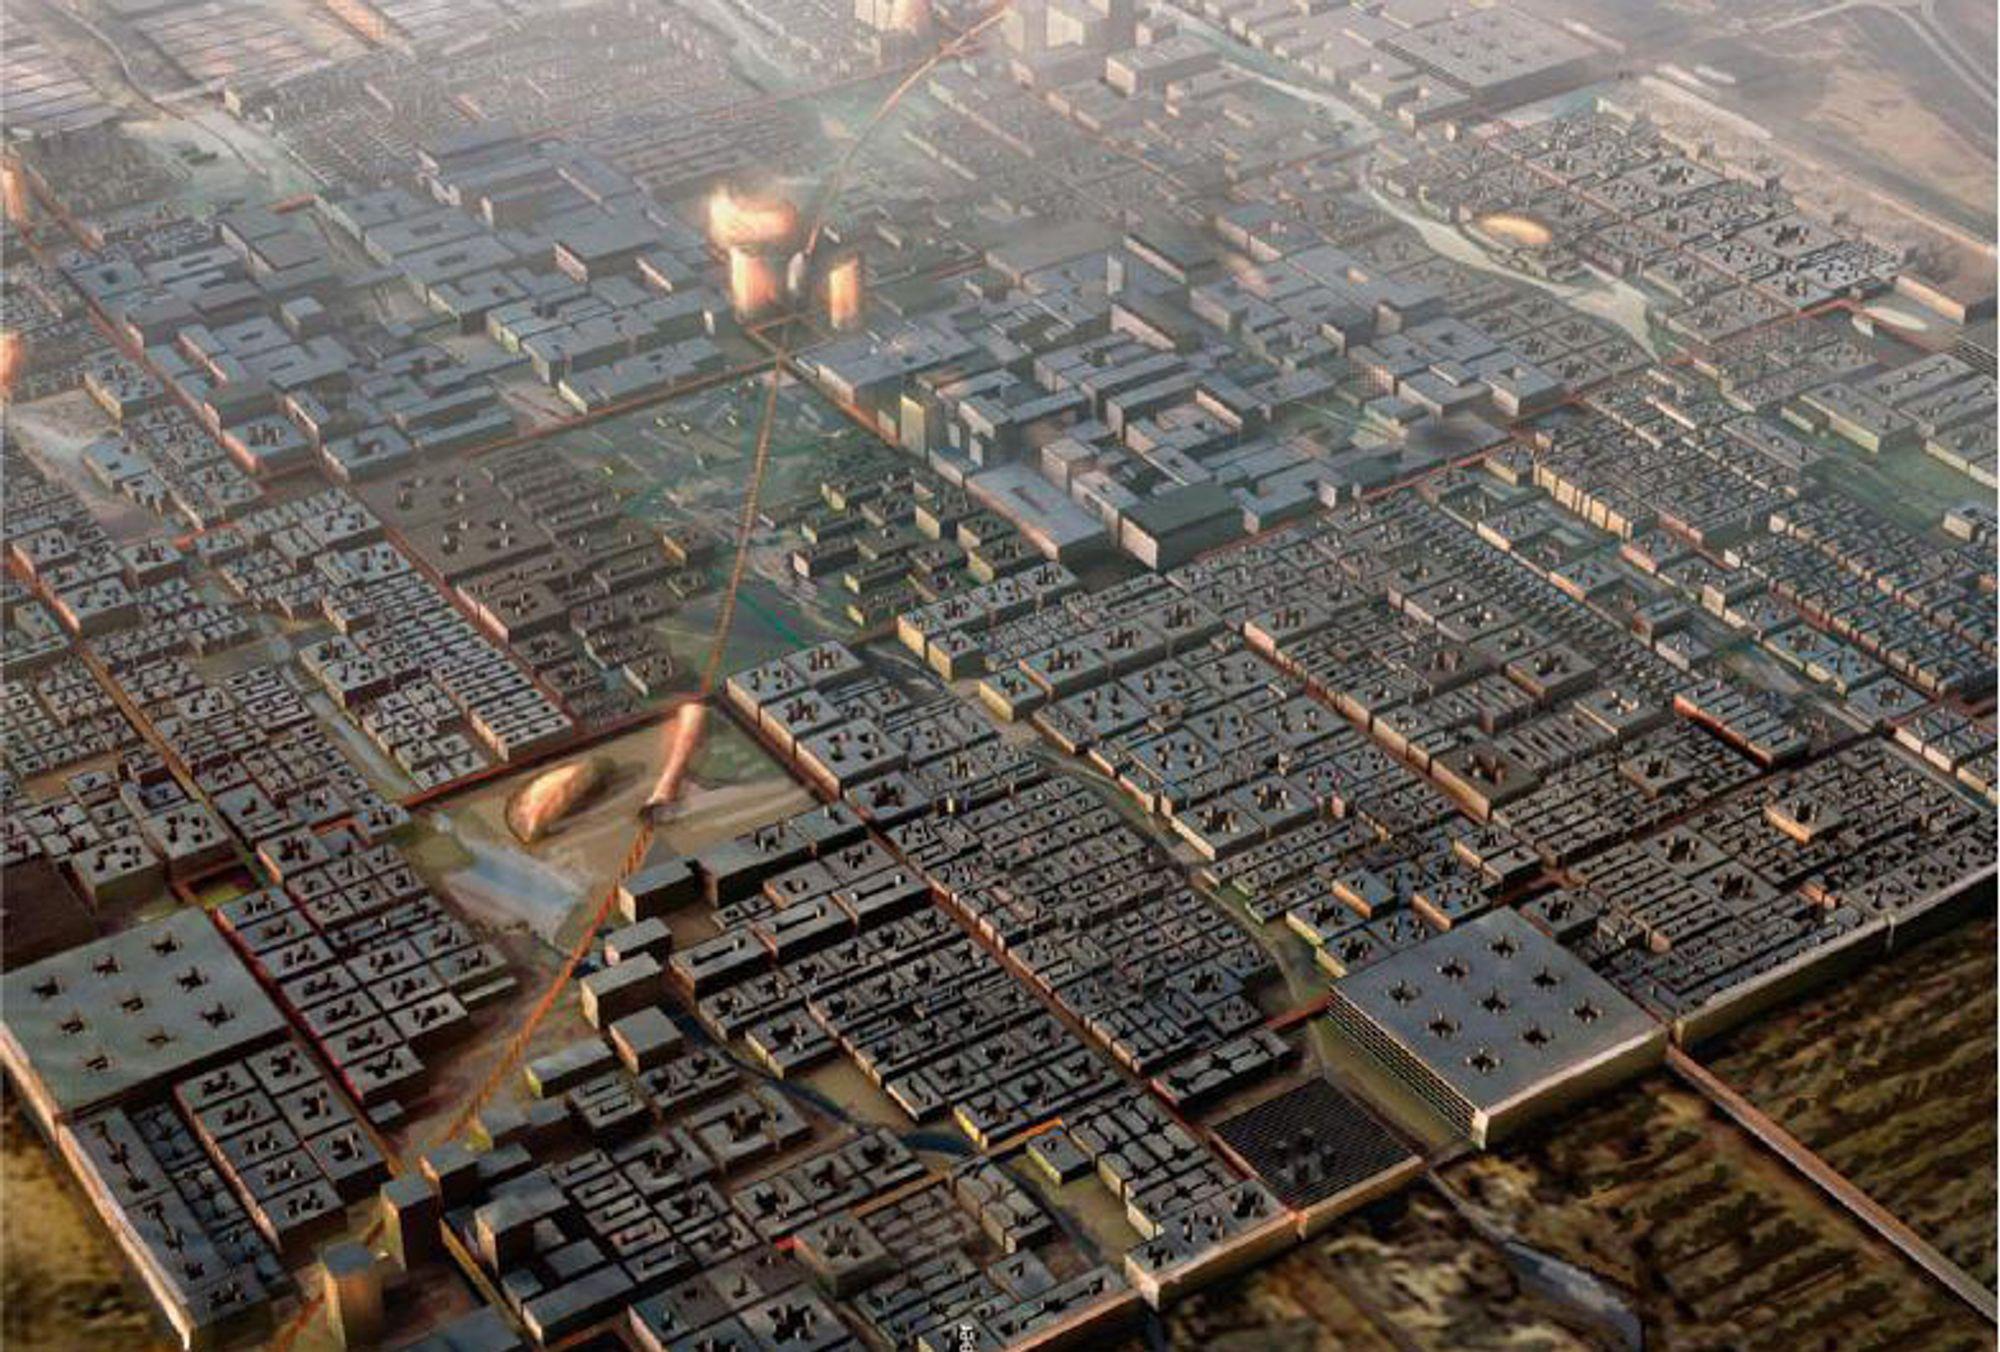 Tegning av Masdar City, slik den er ment å se ut. Svenske Cleanergy ligger an til å få en milliardkontrakt.